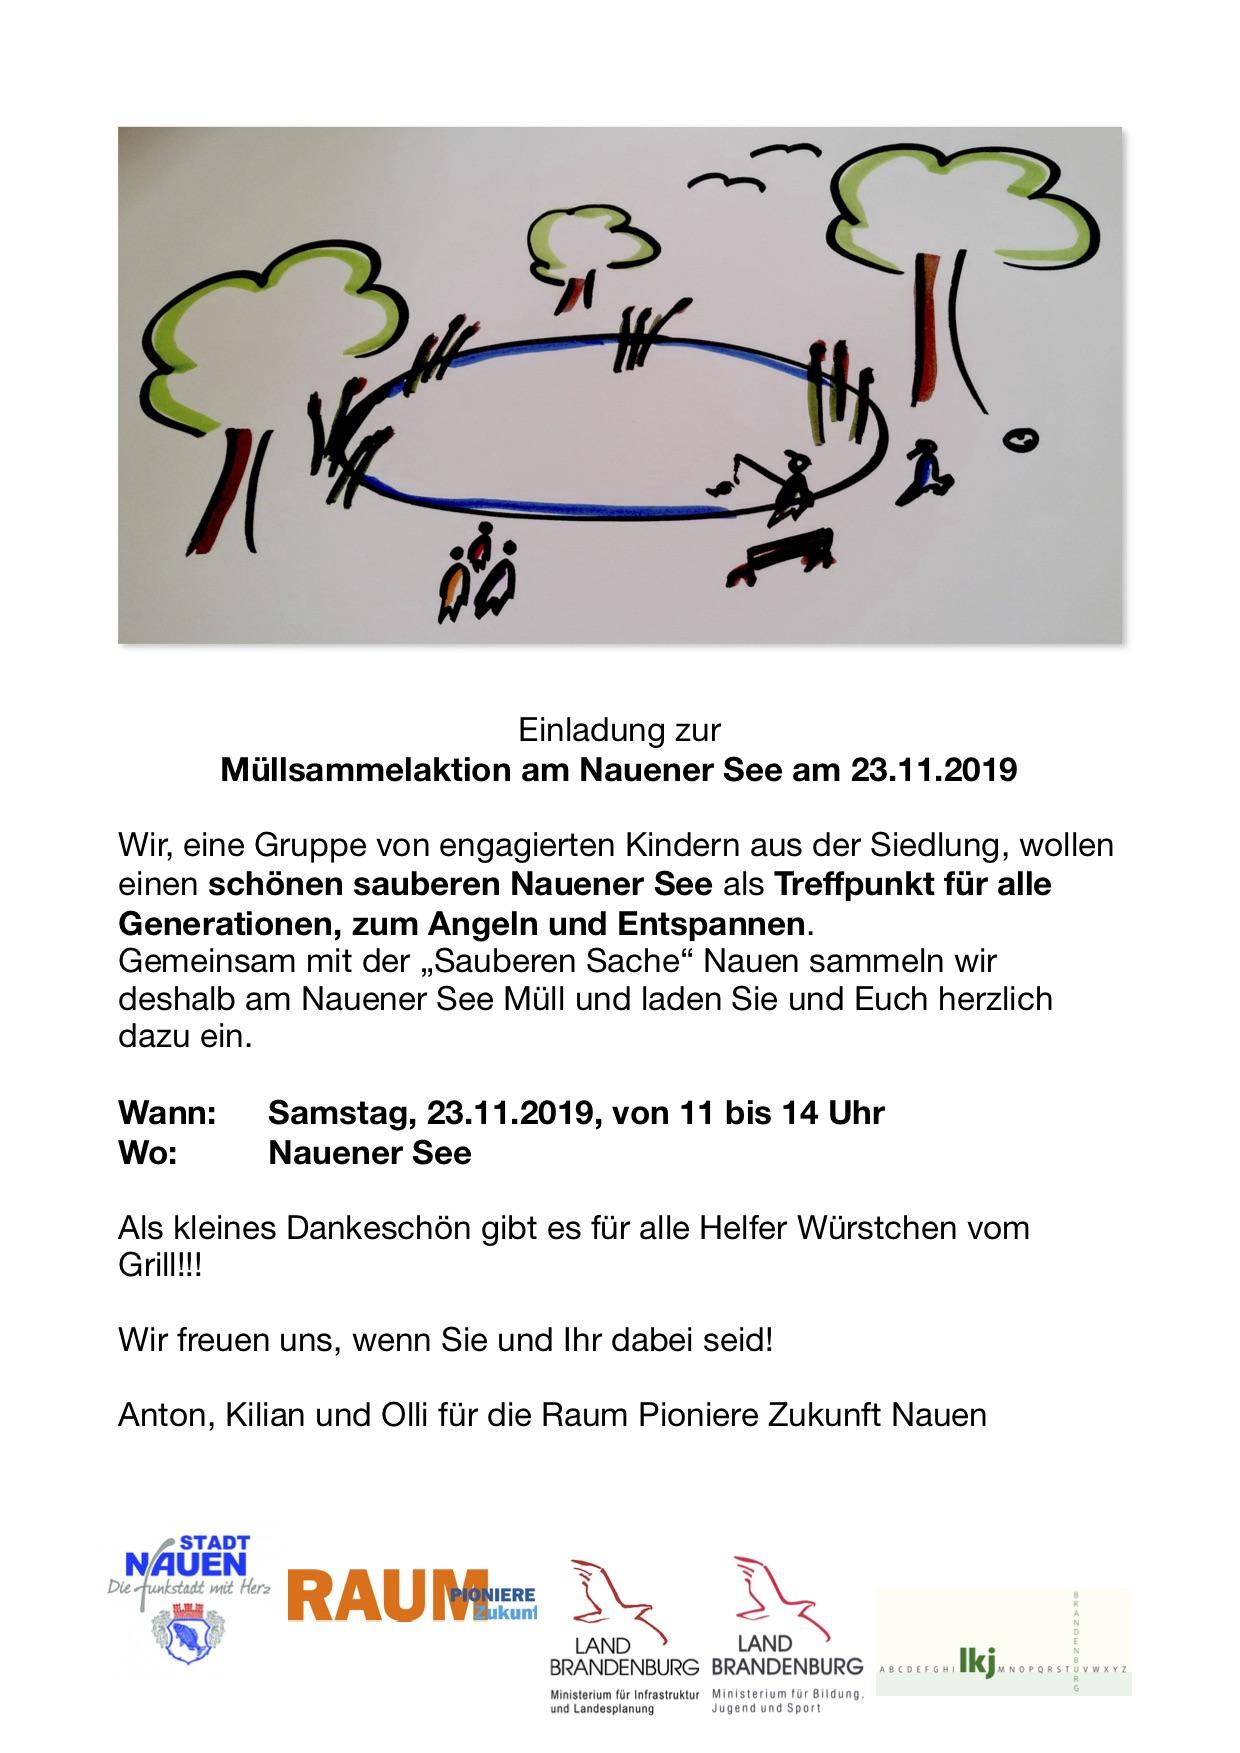 Einladung zur Müllsammelaktion am Nauener See am 23.11.19, 11:00 bis 13:00 Uhr